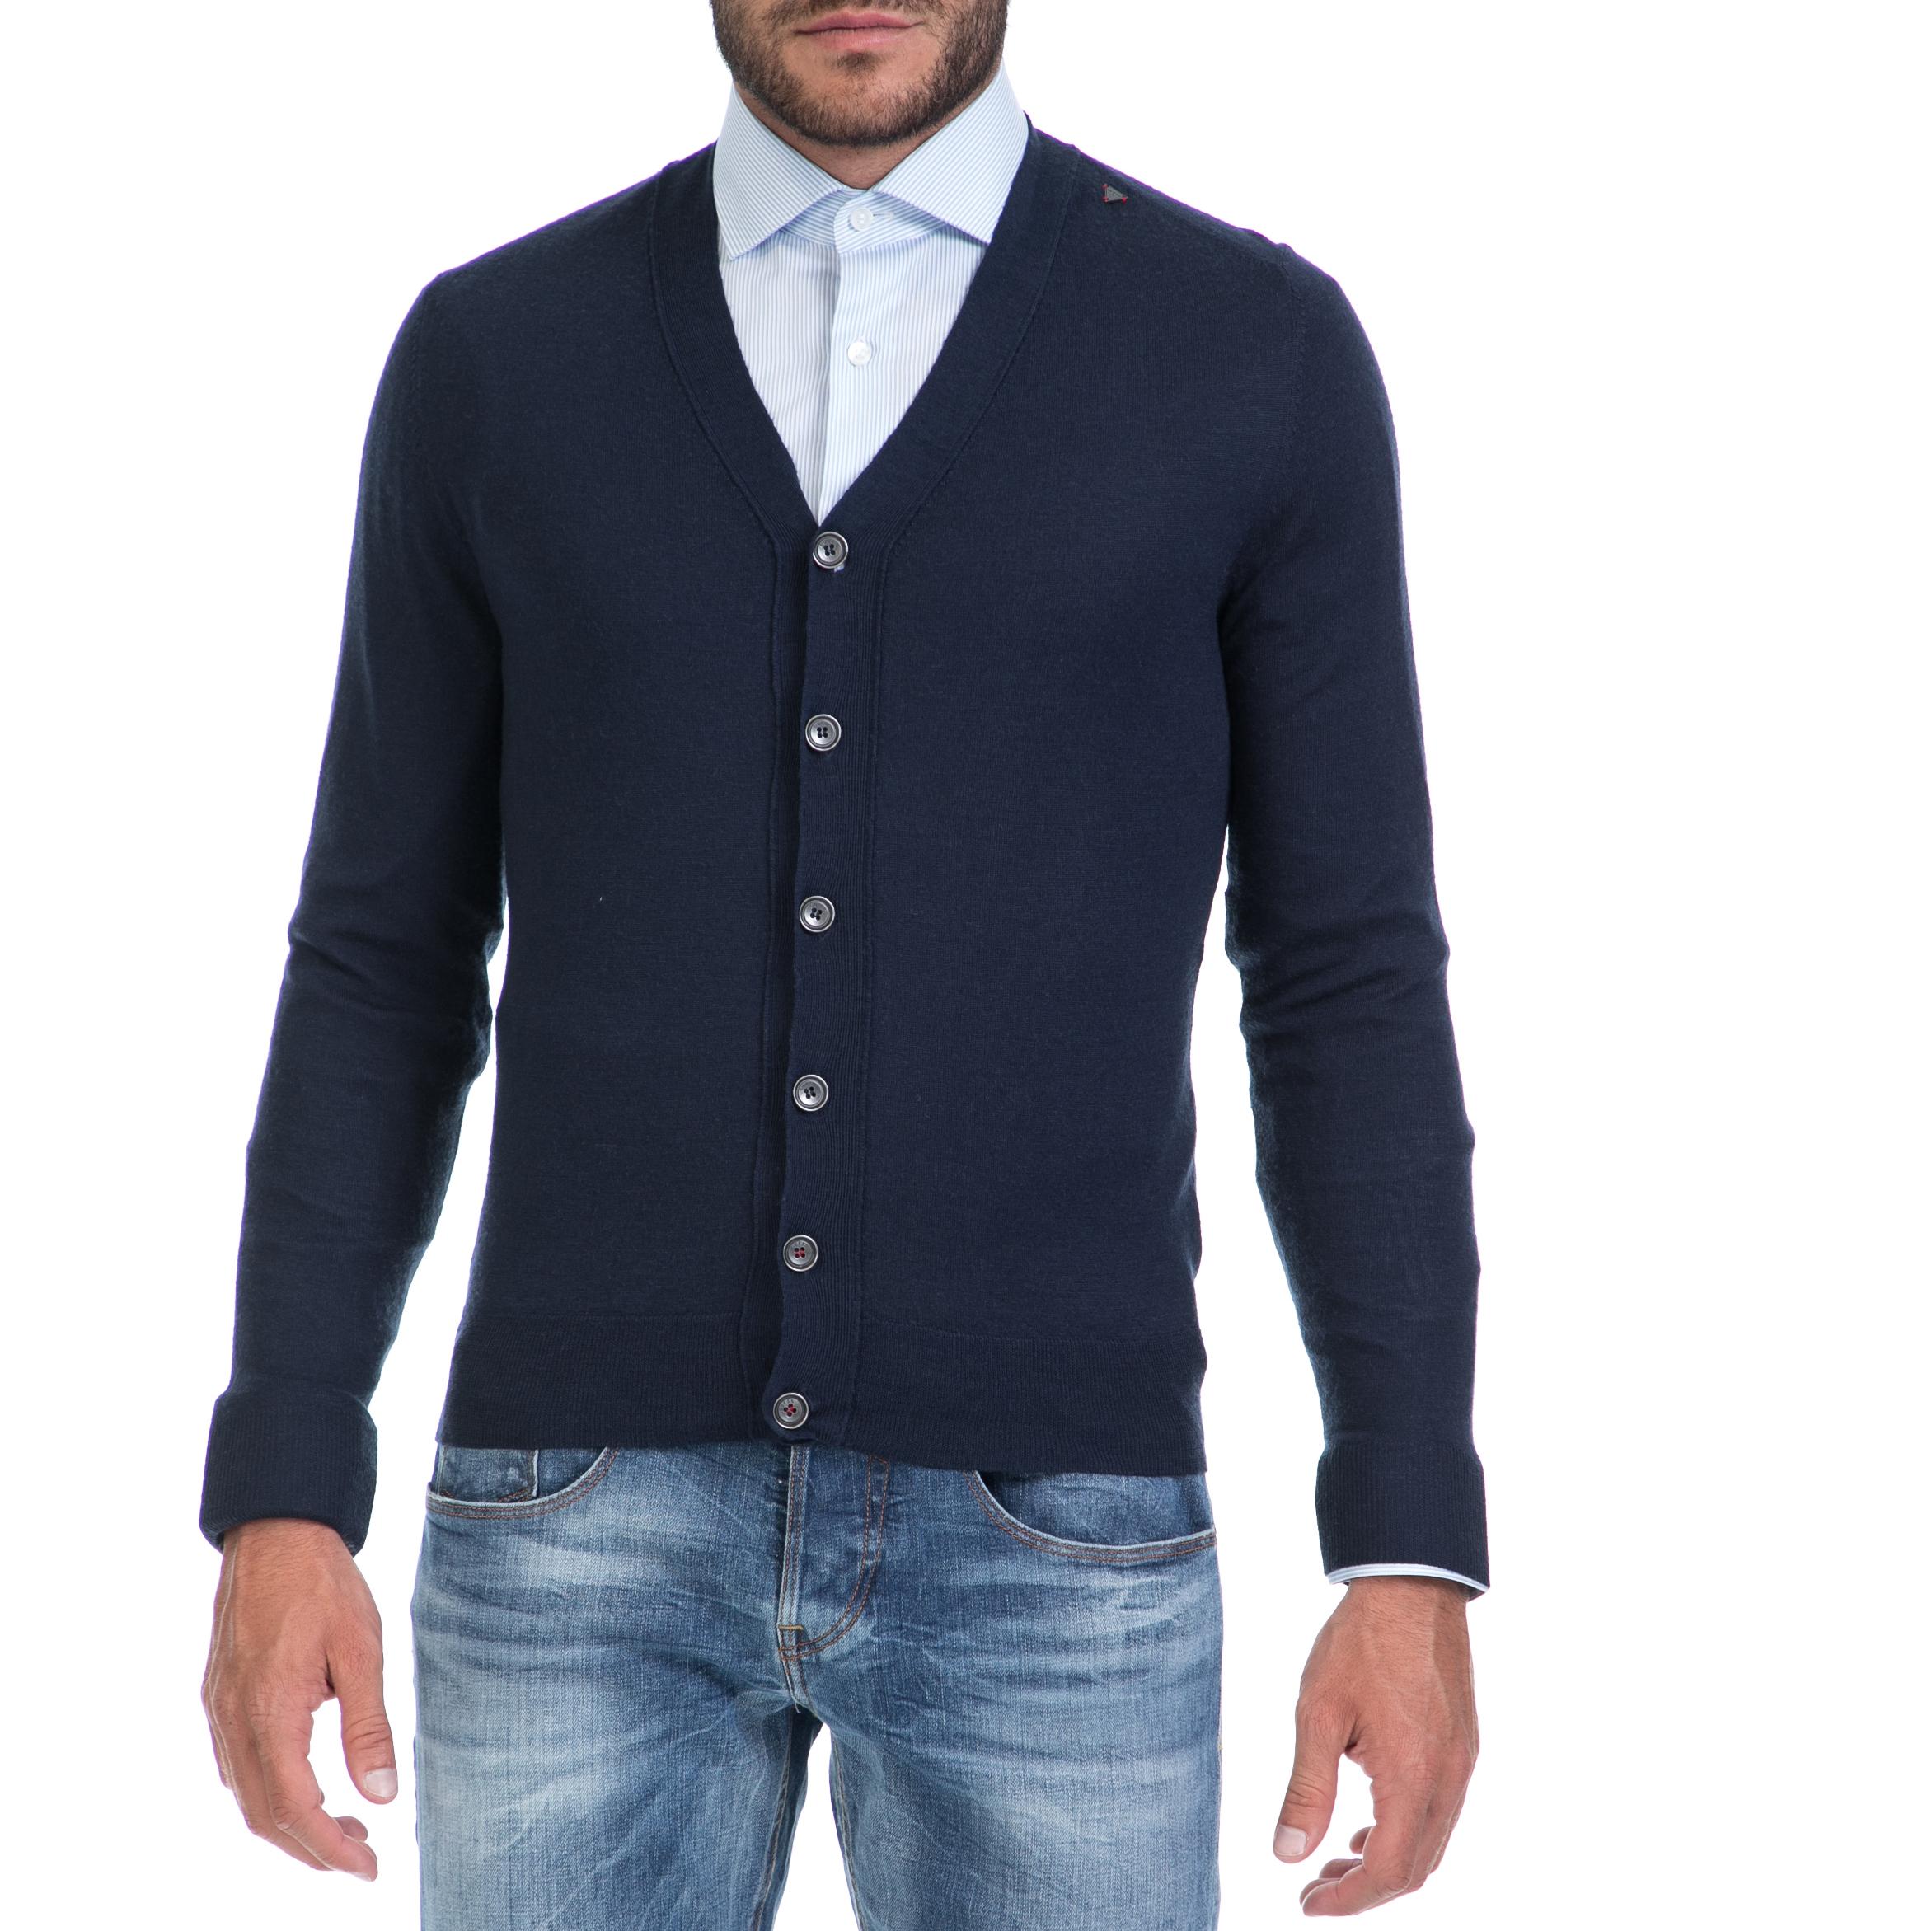 GUESS - Αντρική ζακέτα GUESS μπλε ανδρικά ρούχα πλεκτά ζακέτες ζακέτες